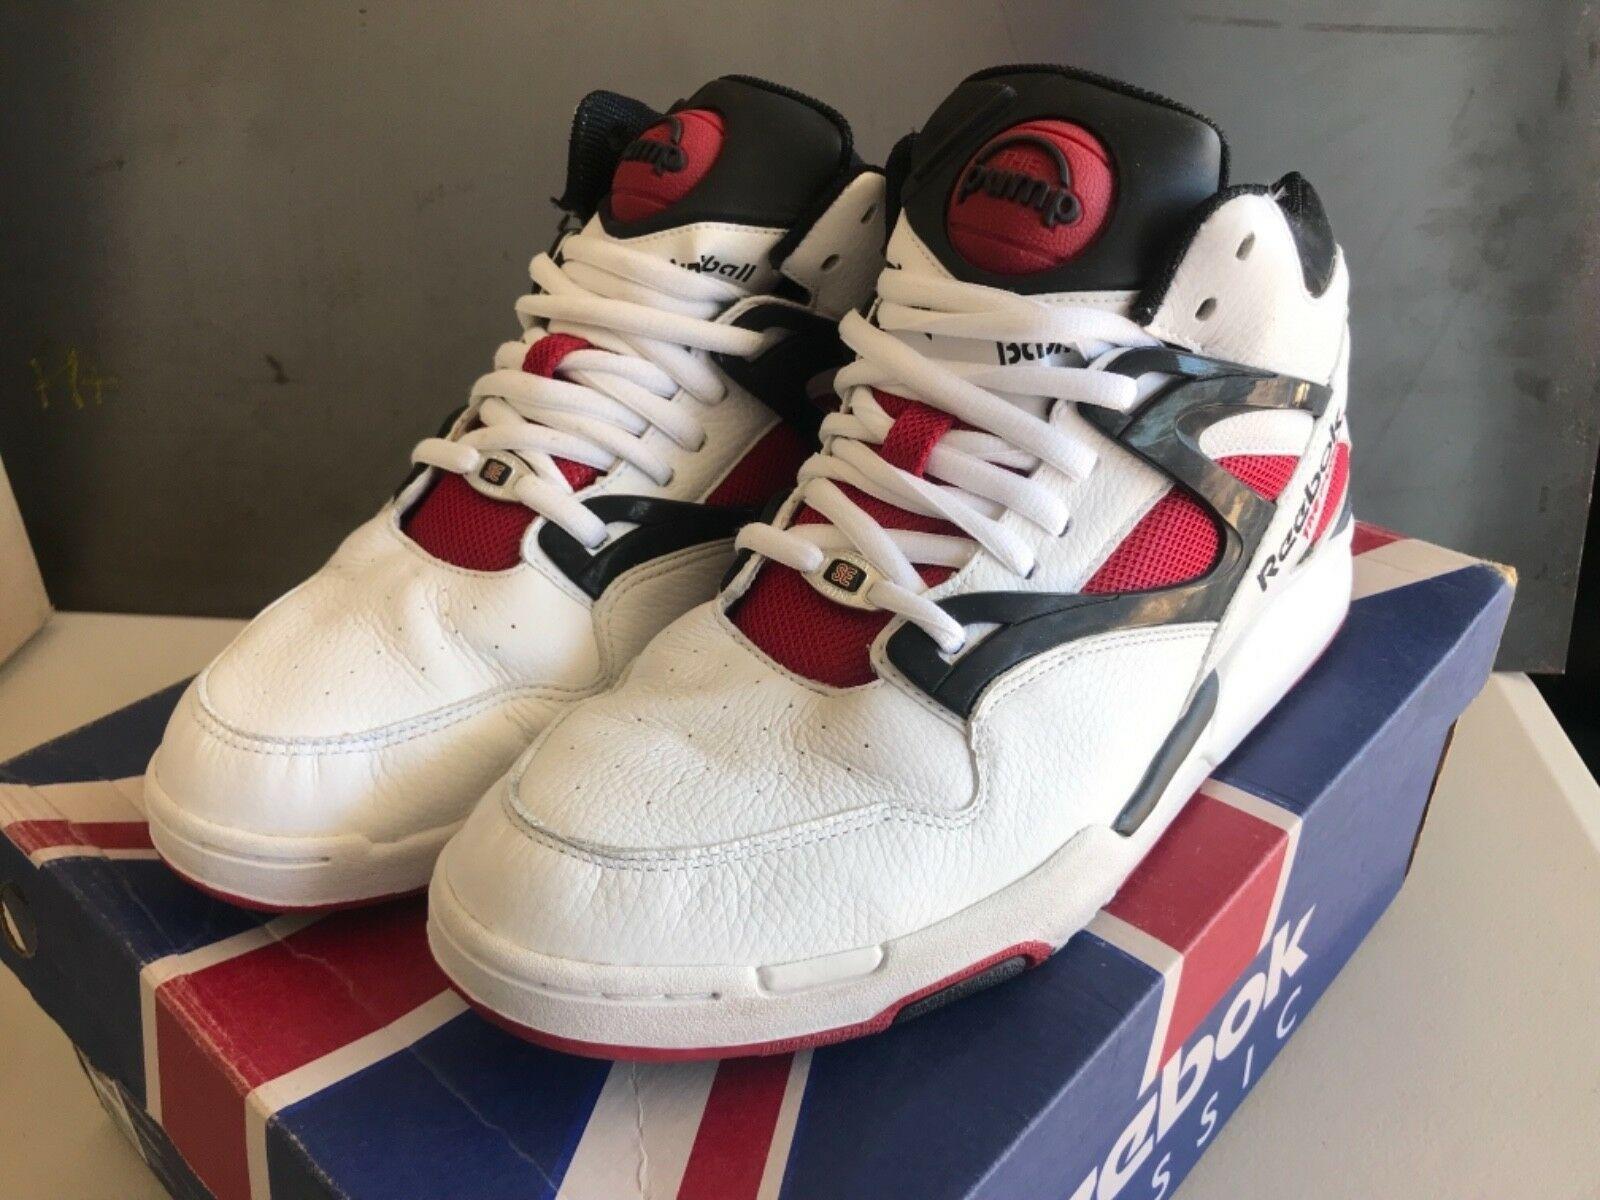 Vintage Look Reebok Pump Omni Lite' Sneakers White